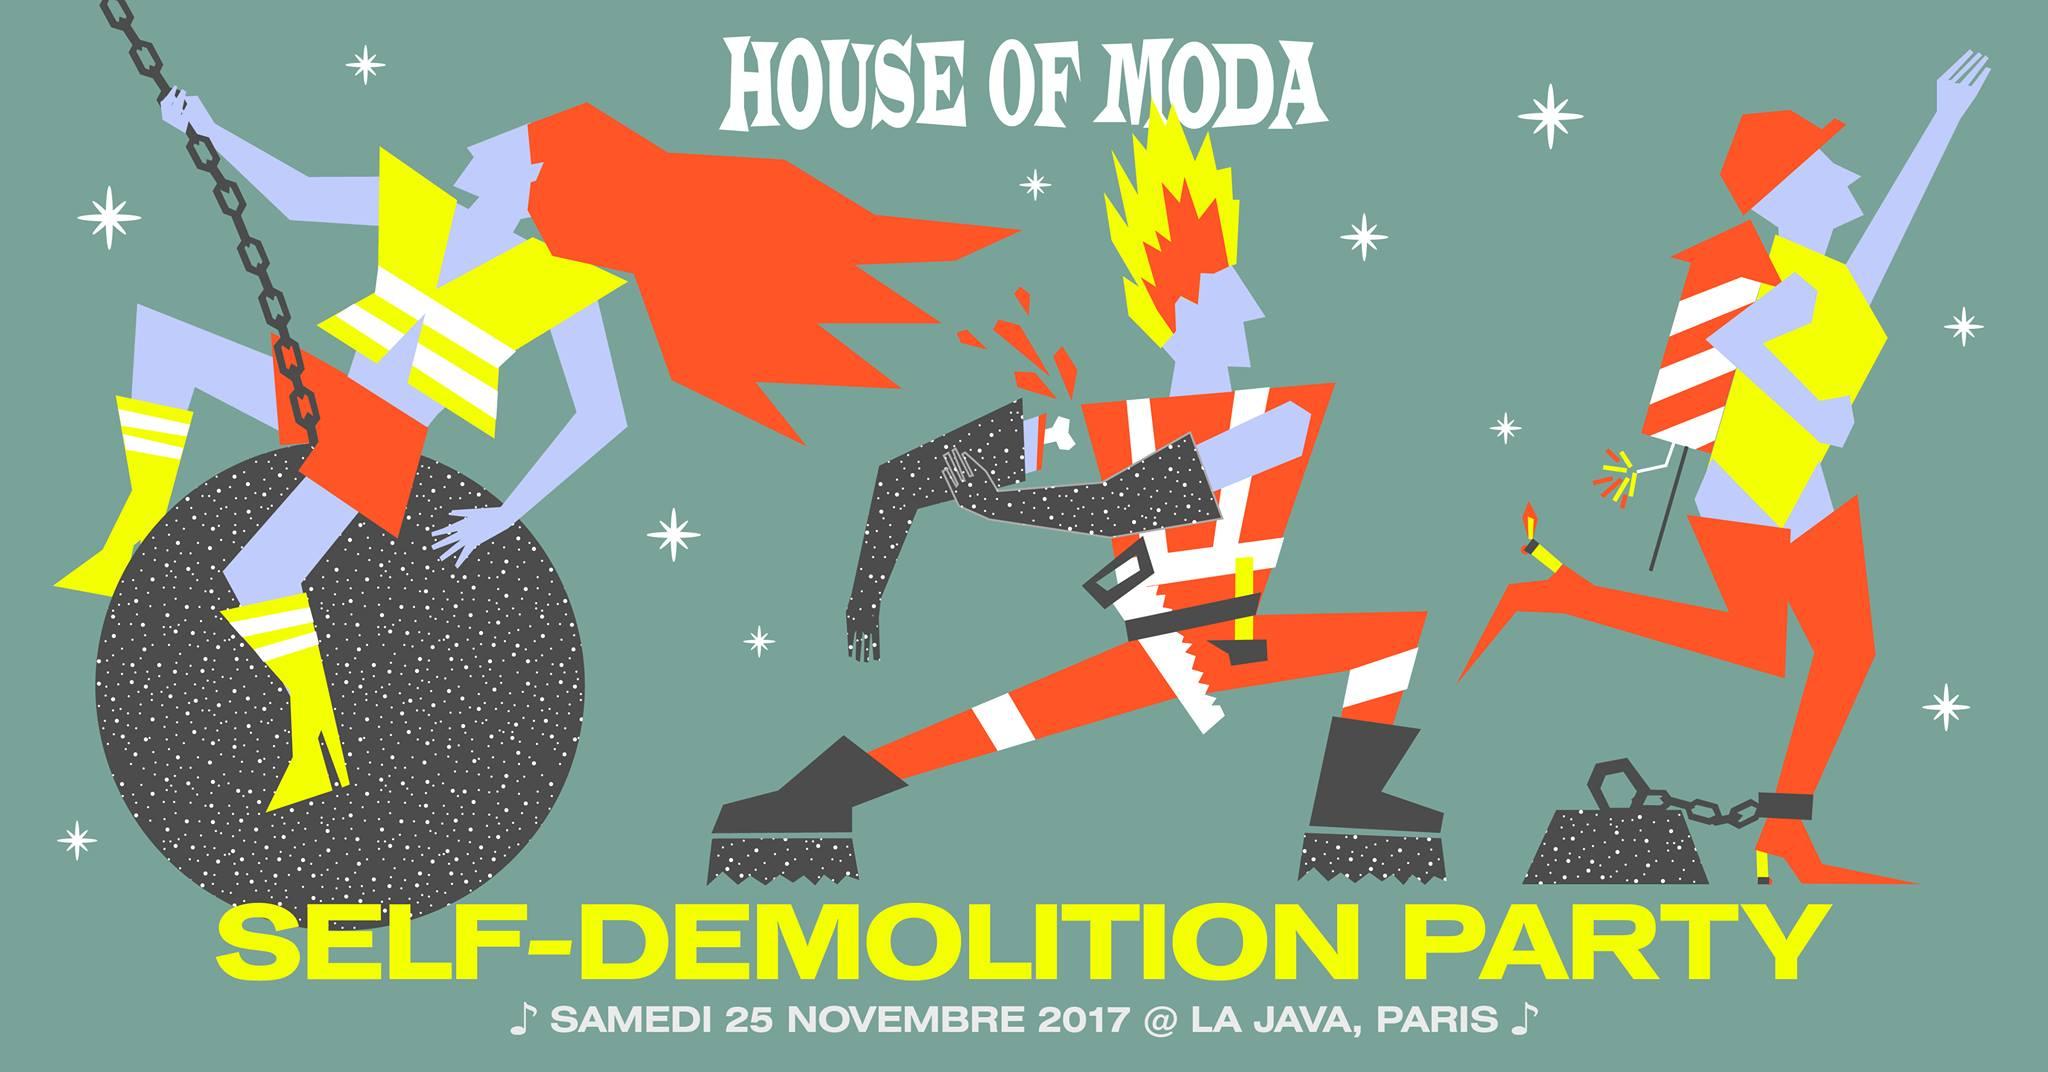 House of moda